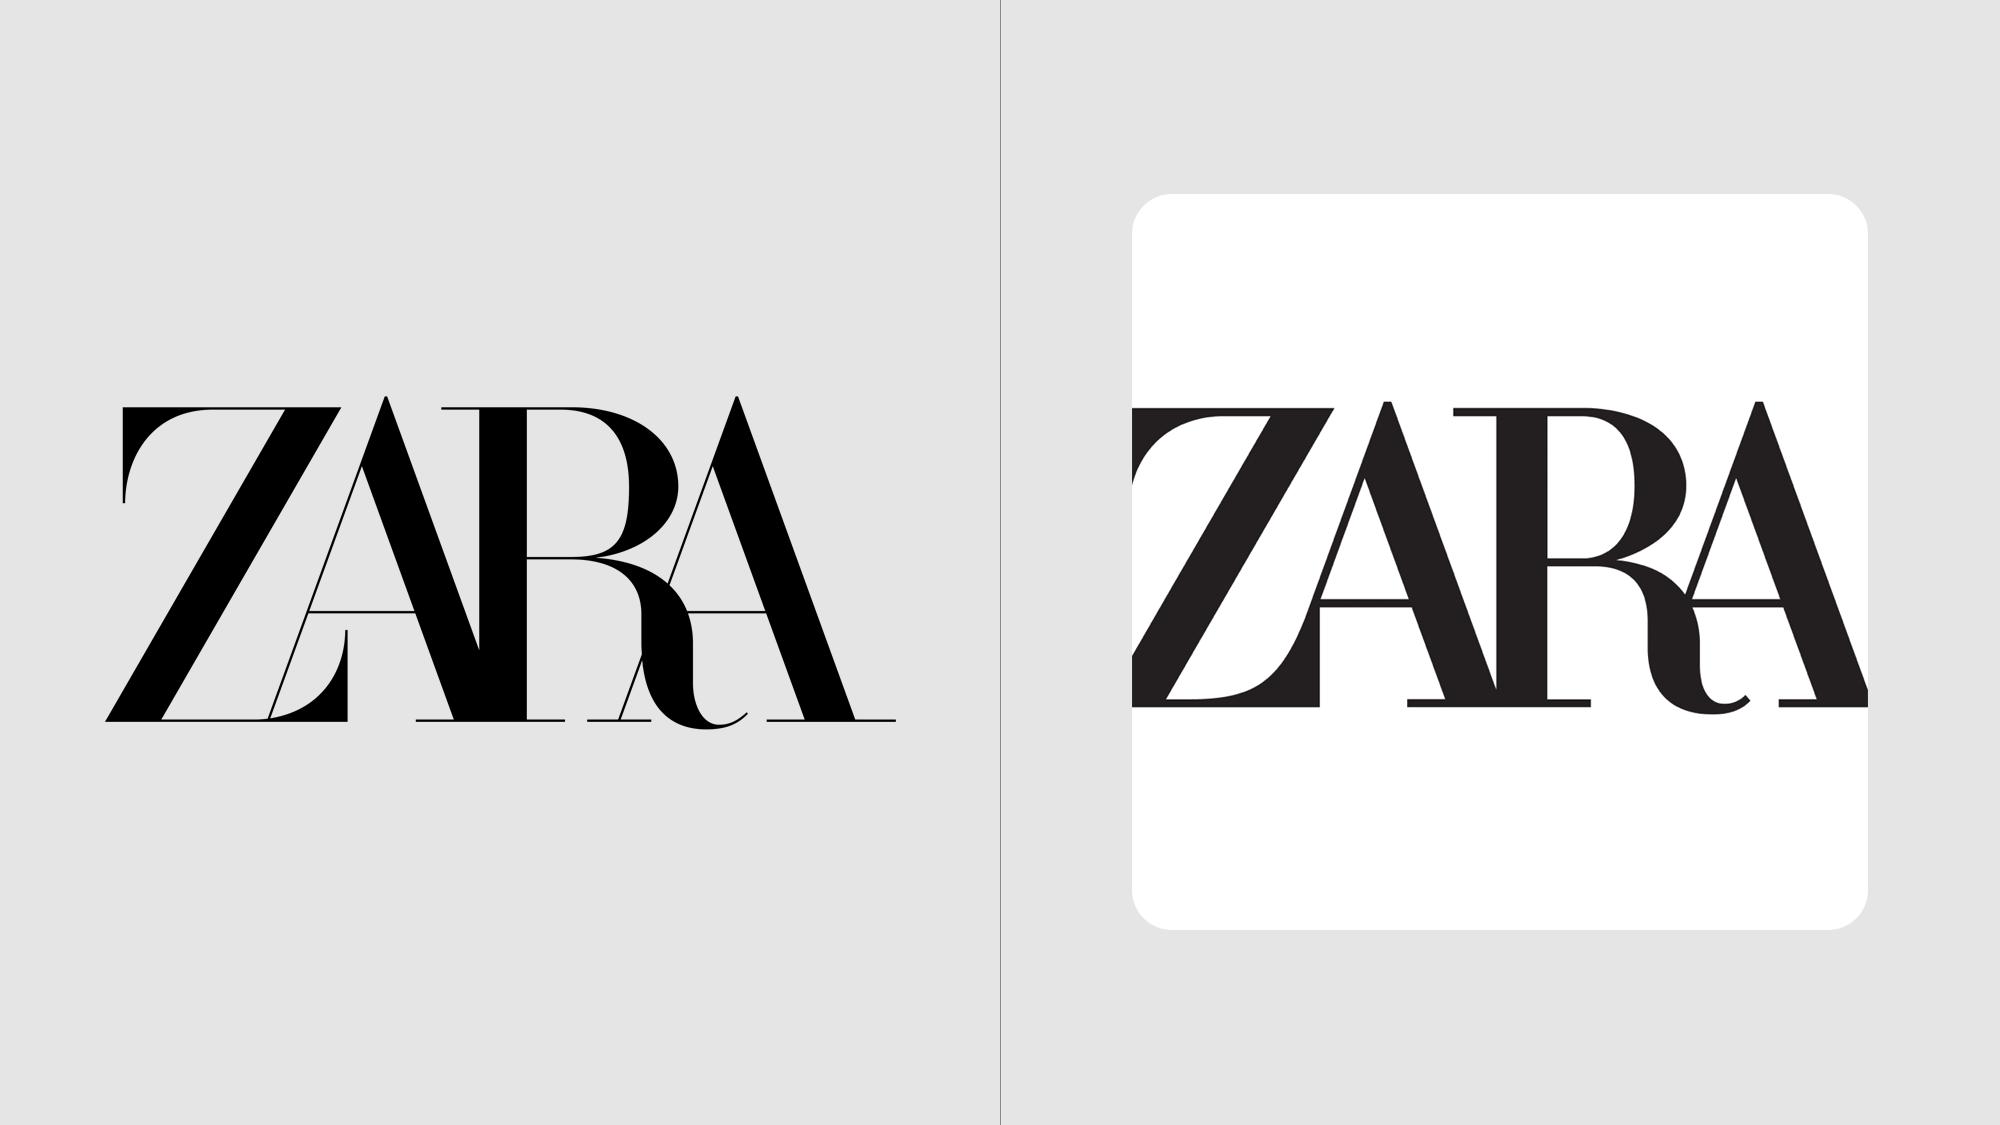 New-er New Zara Logo?